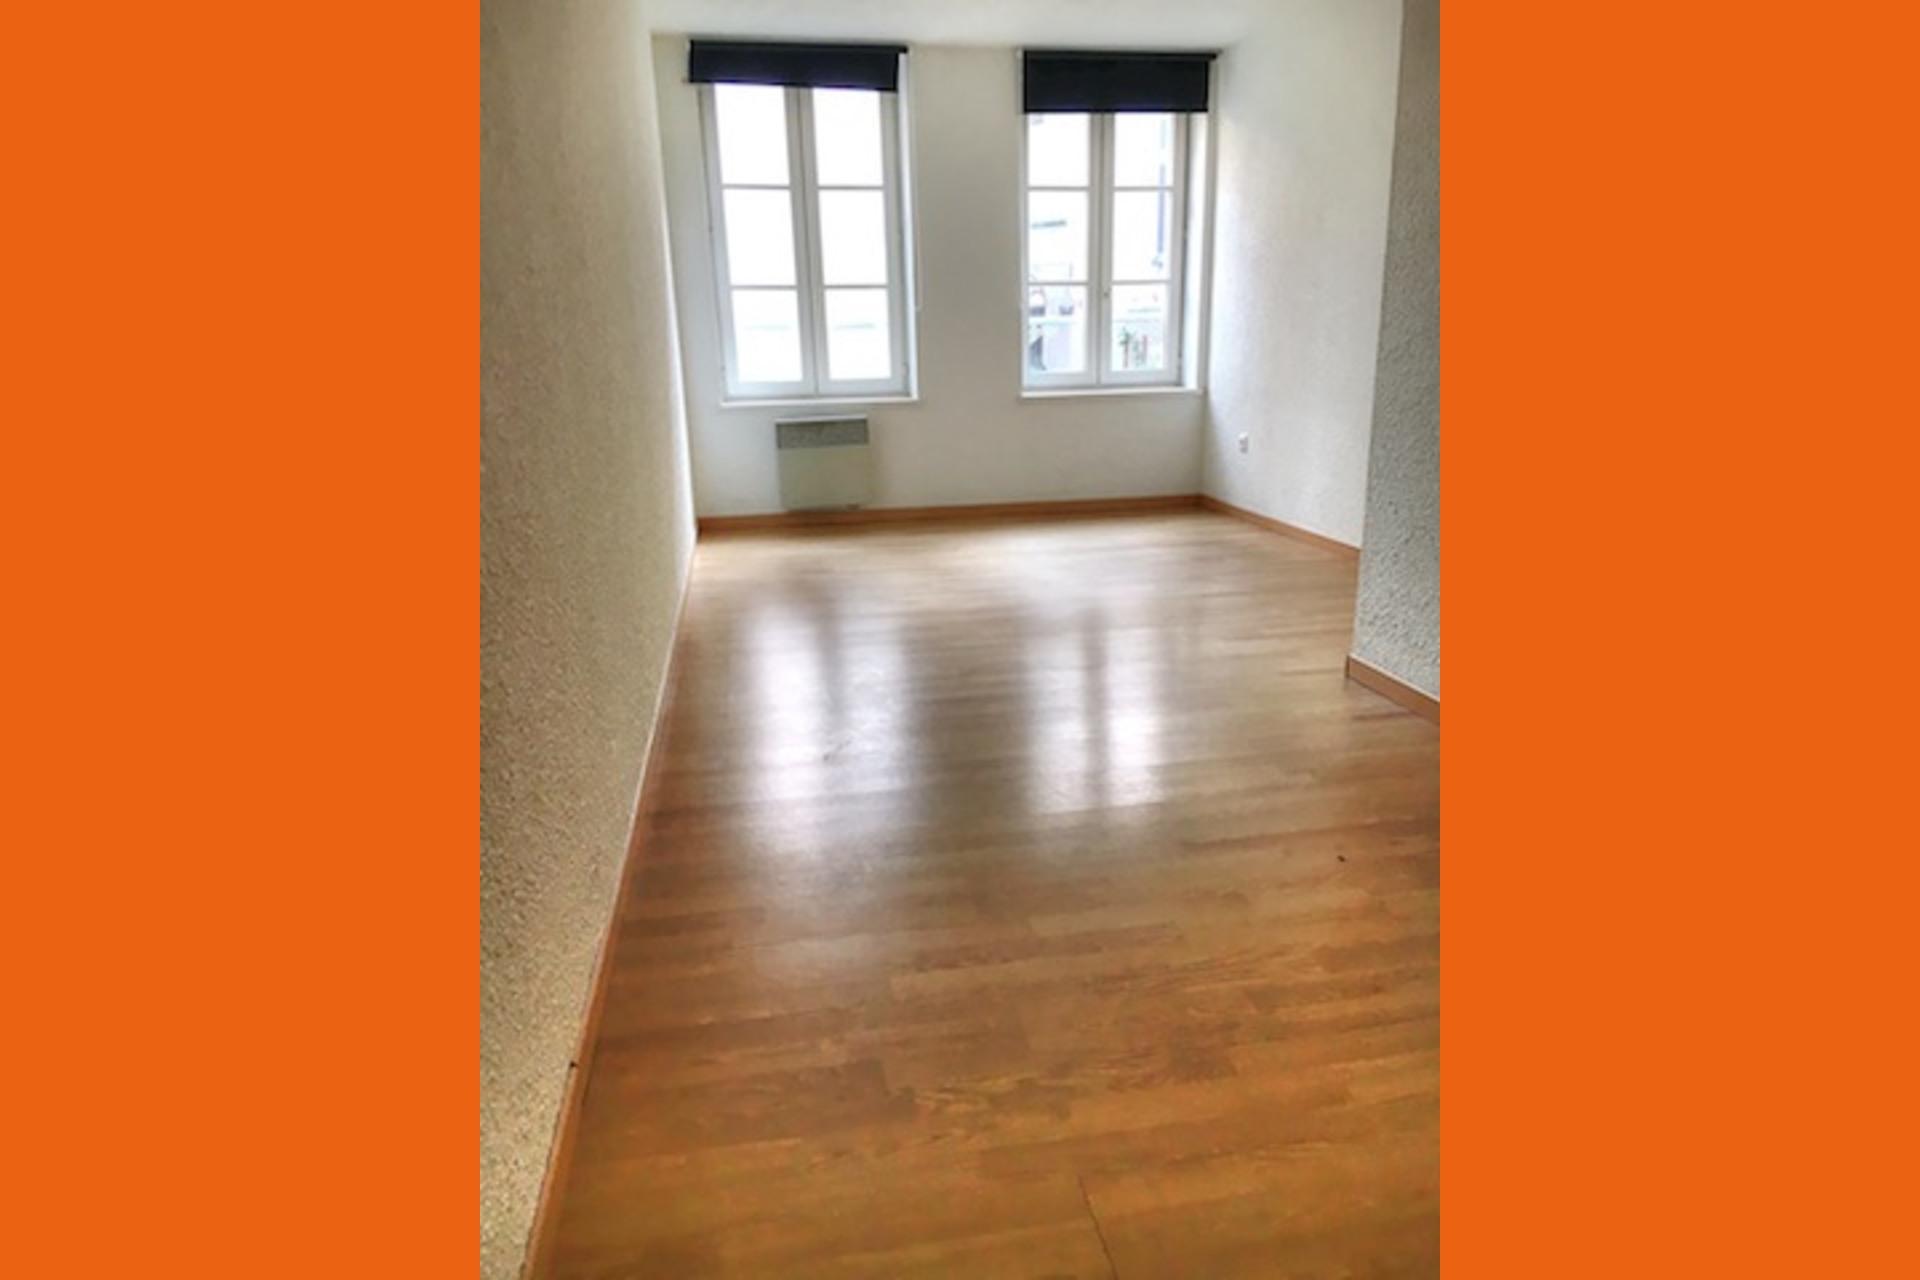 image 4 - Appartement À louer Metz - 3 pièces